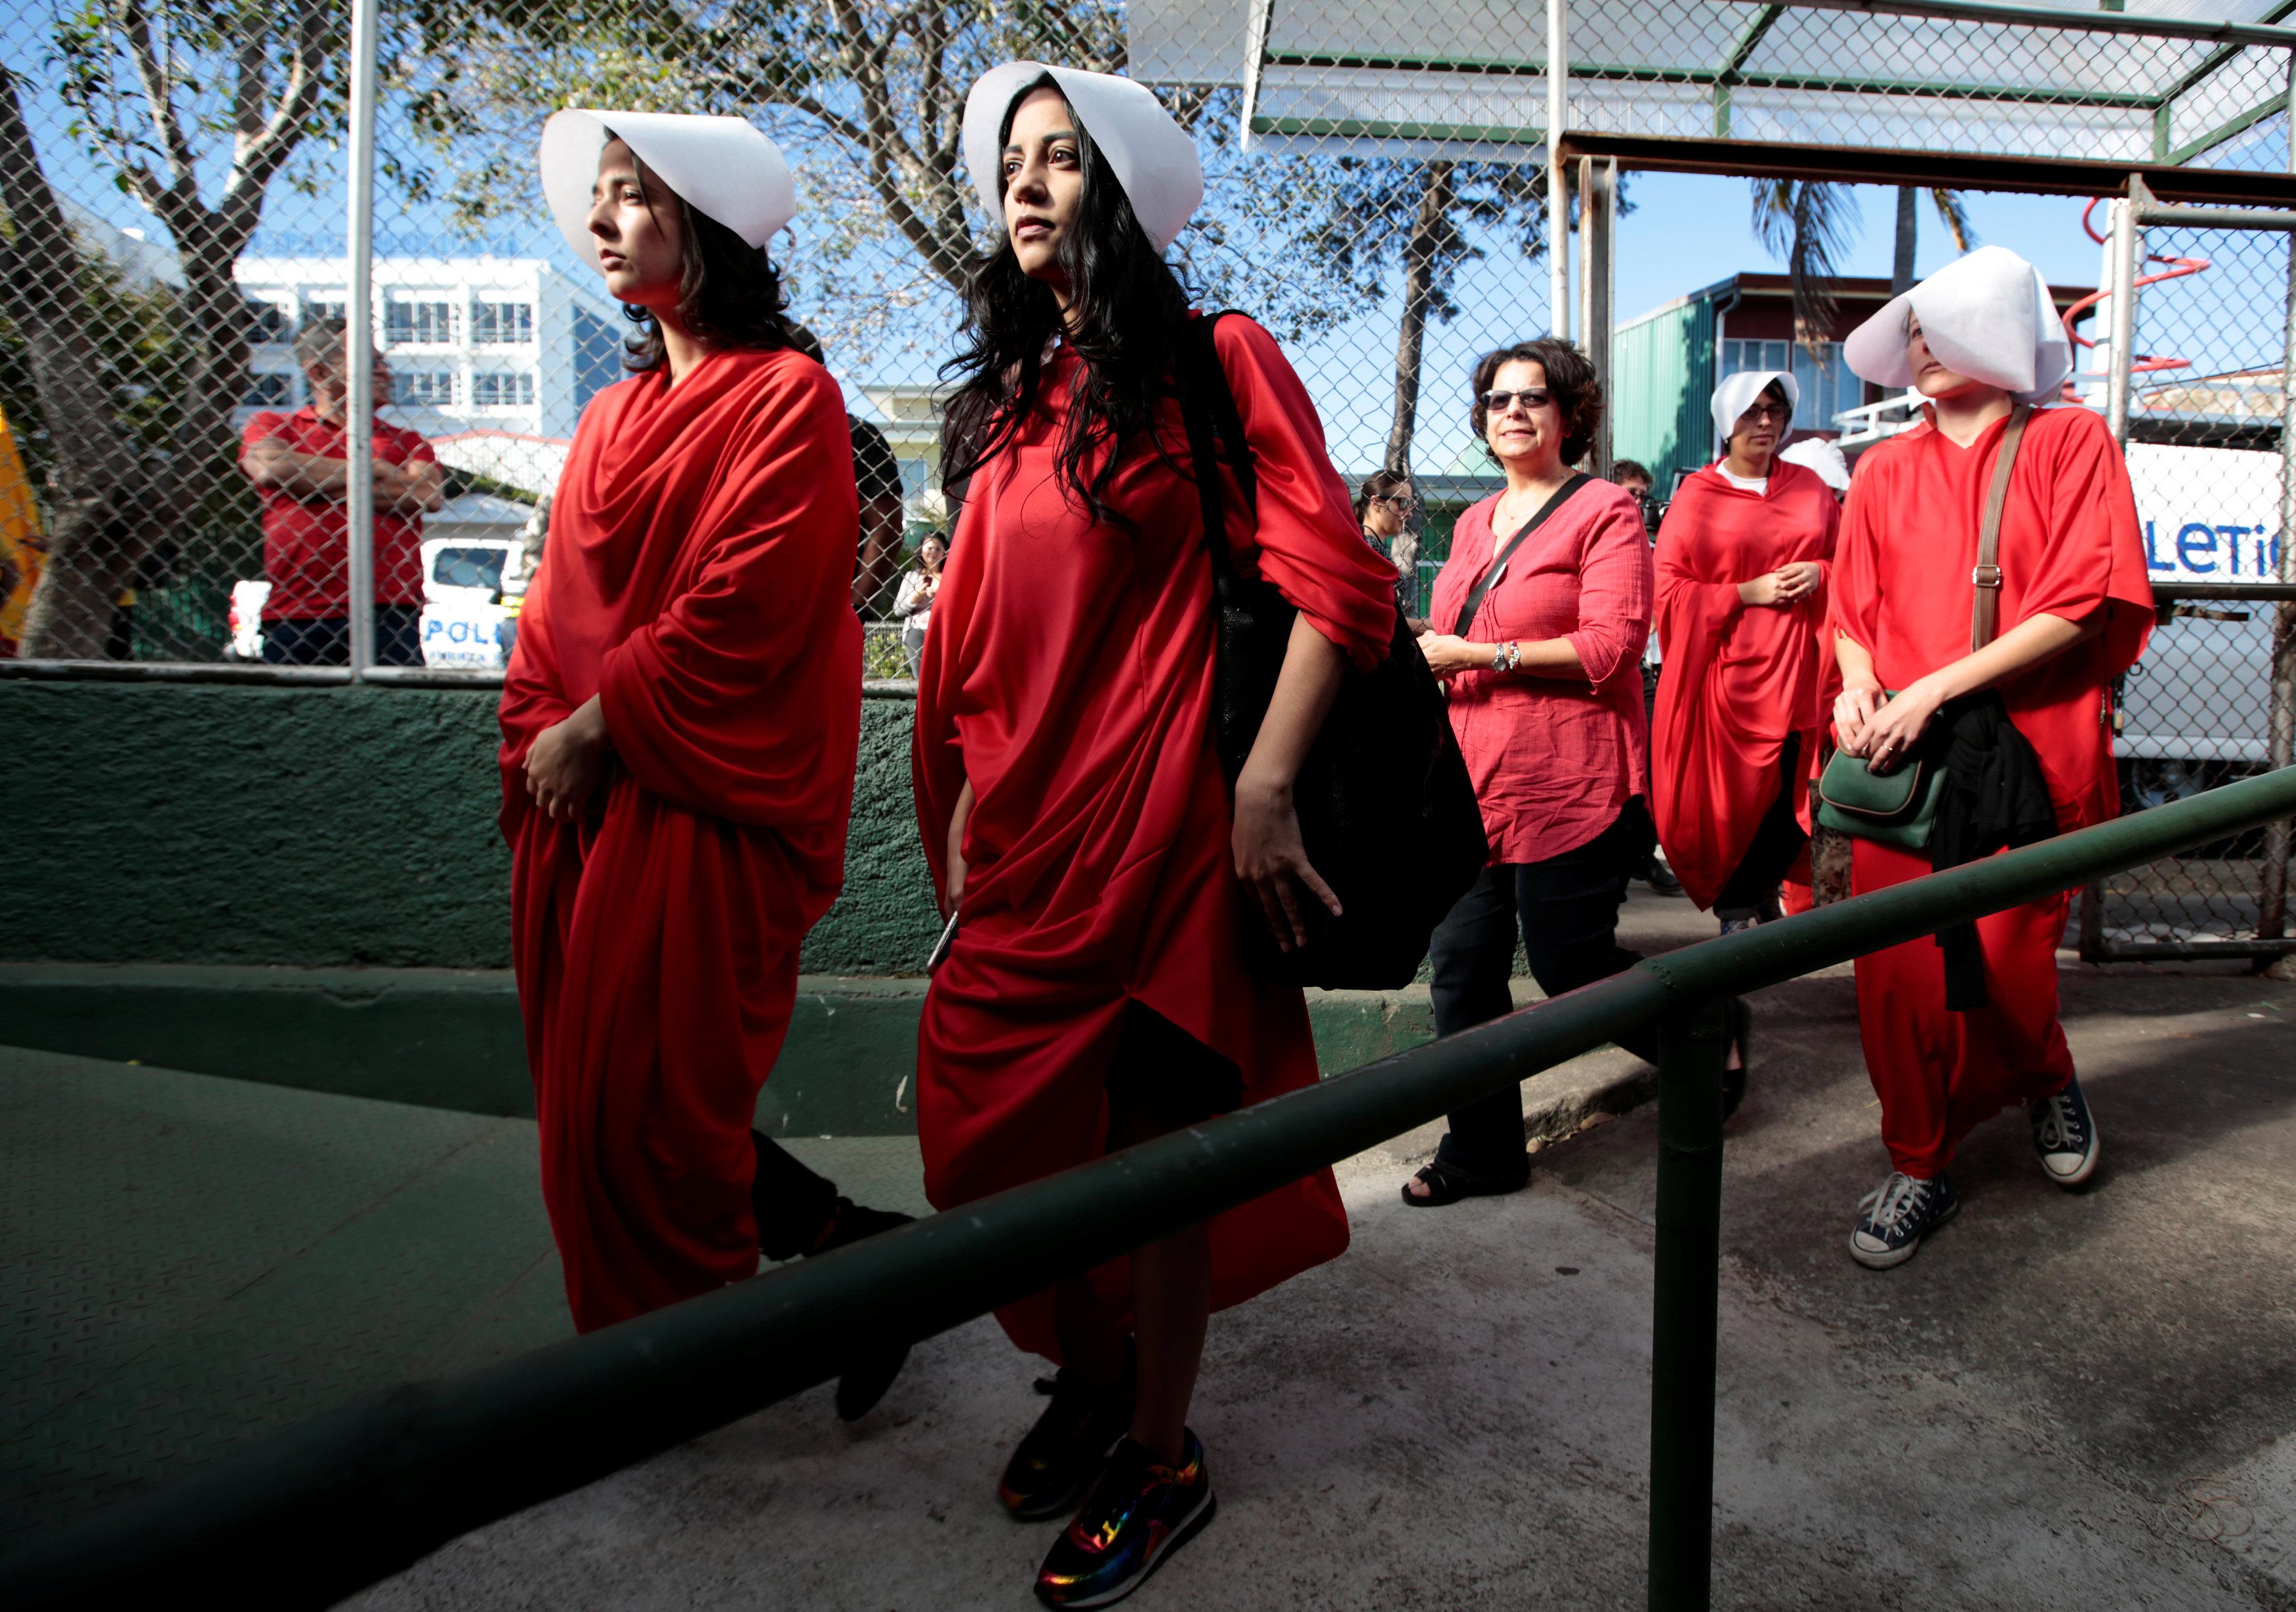 Una activista vestida con un traje de la serie The Handmaid's Tale se prepara para votar durante las elecciones presidenciales, en un colegio electoral en San José, Costa Rica, el 1 de abril de 2018. REUTERS / Juan Carlos Ulate